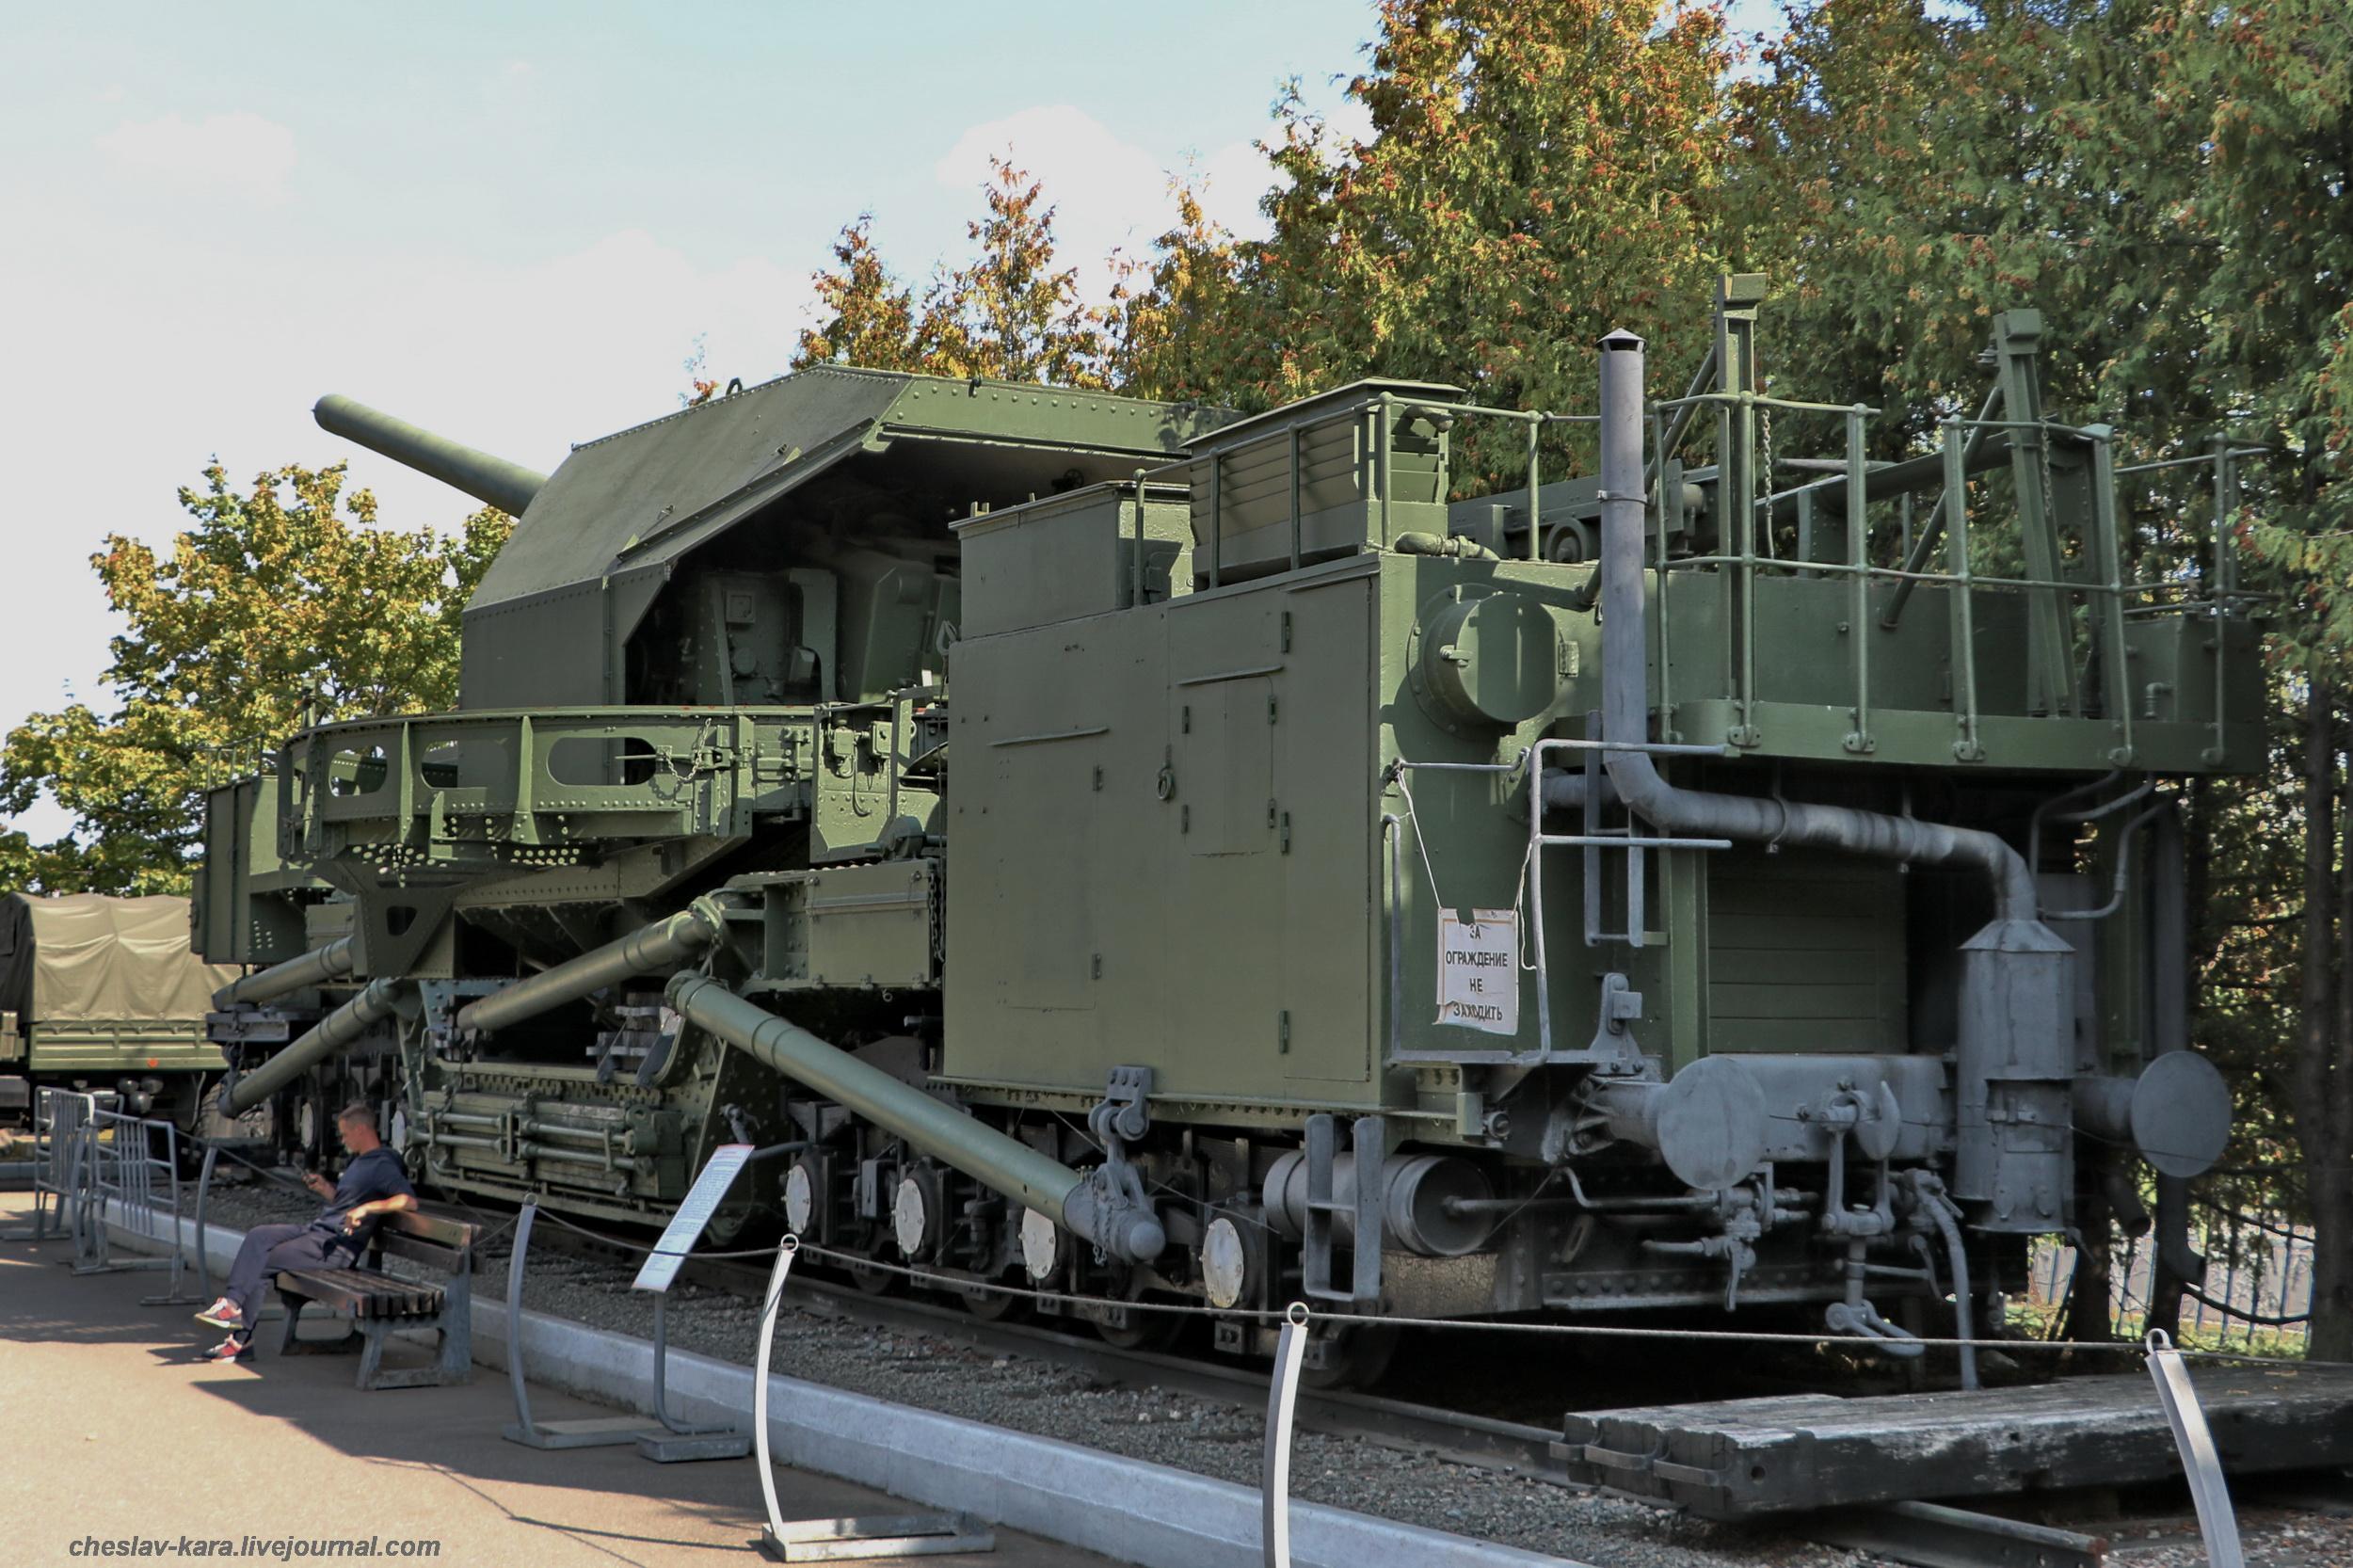 180 мм железнодорожный транспортер тм 18 многоцелевой бронированный легкий транспортер тягач